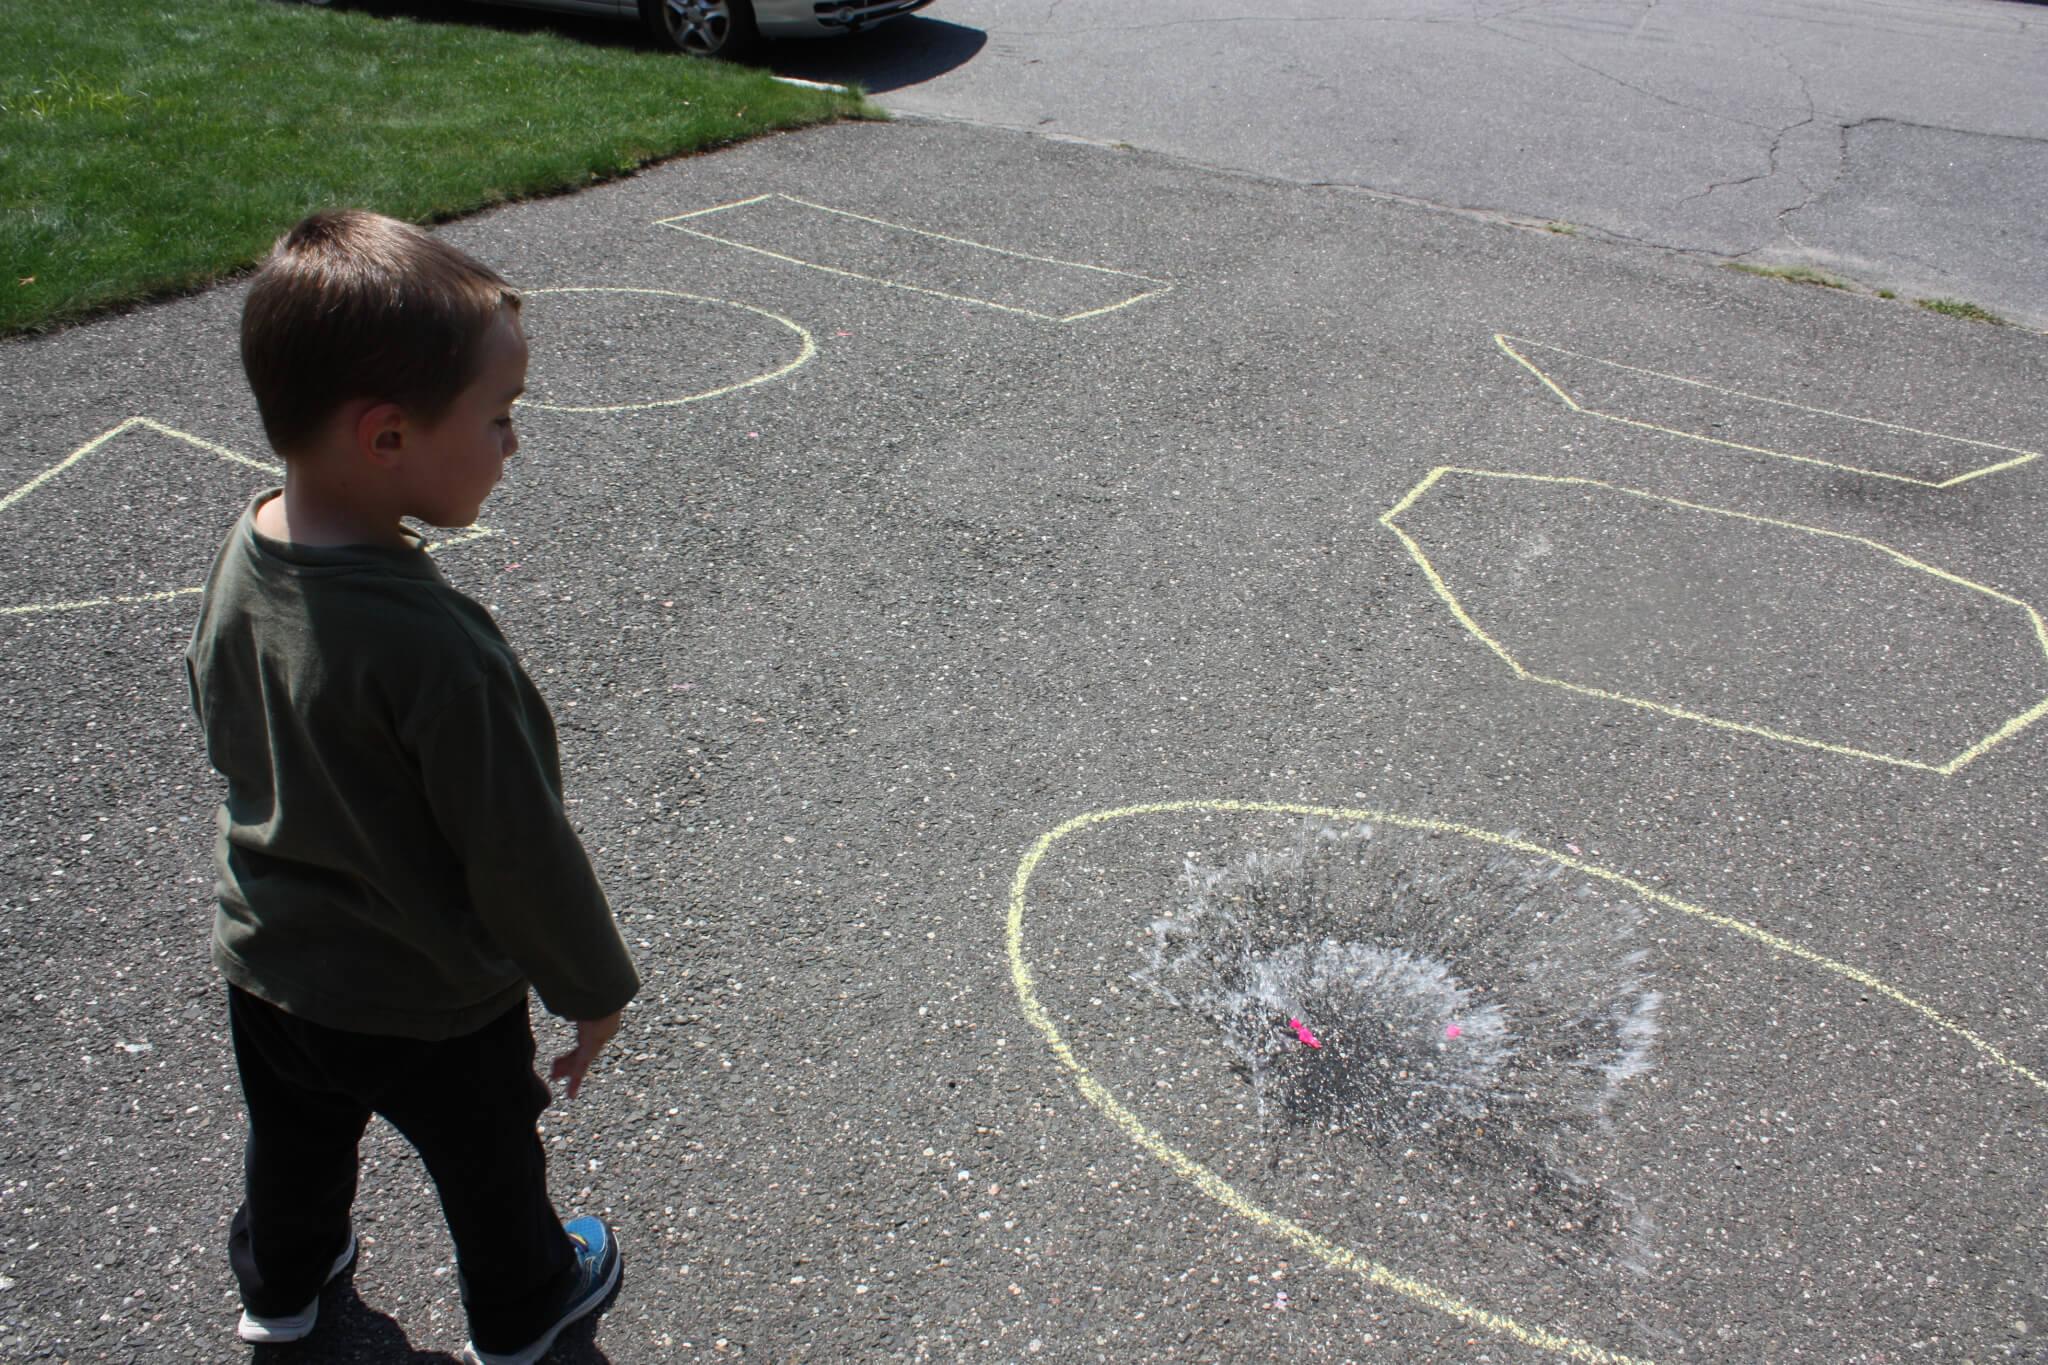 kids activities just for fun